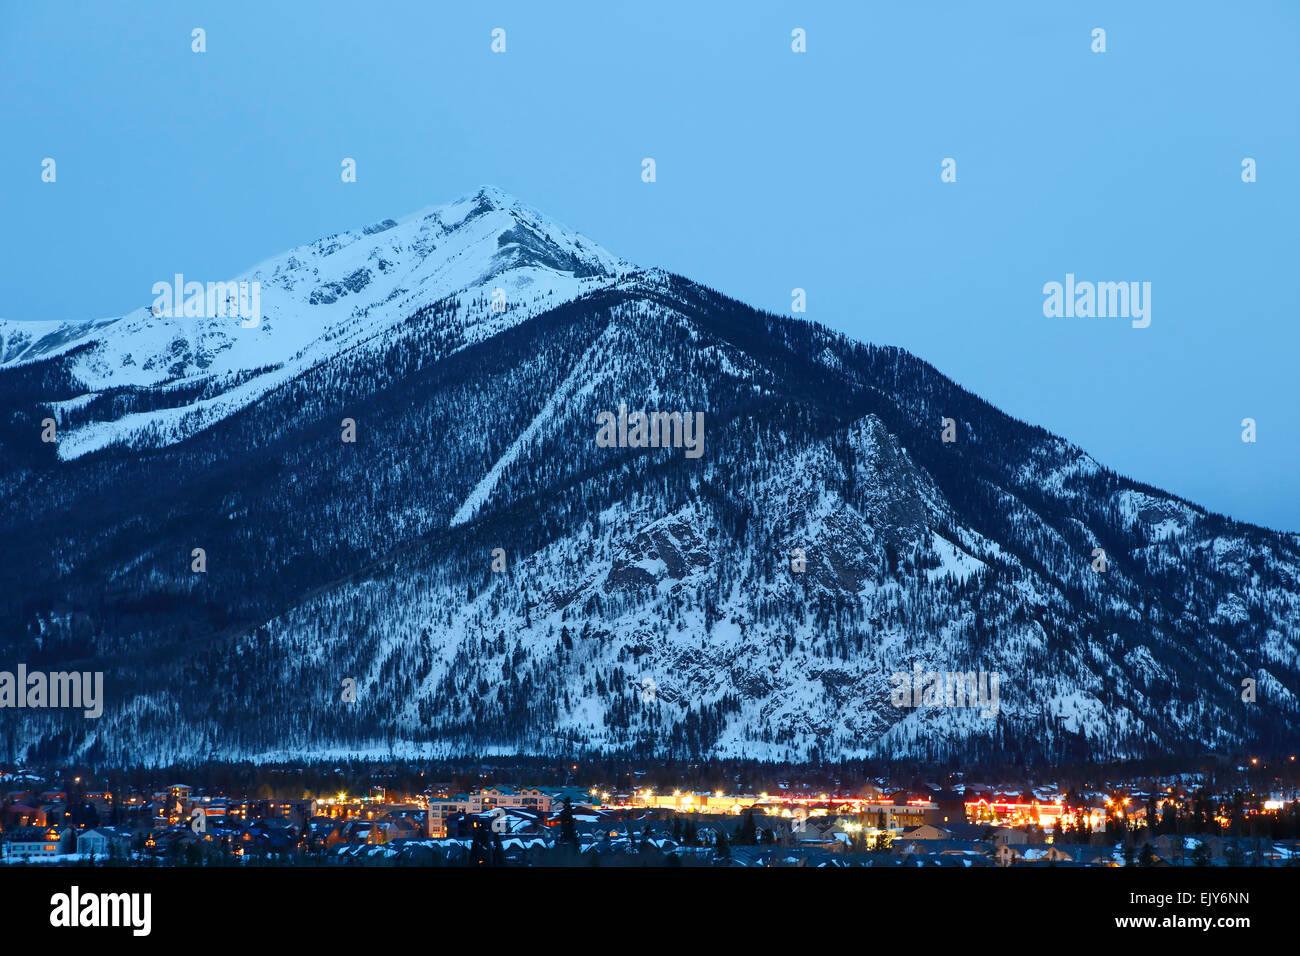 Pico de diez millas (aka Peak 1) y de la ciudad de Frisco, Colorado, EE.UU. Imagen De Stock